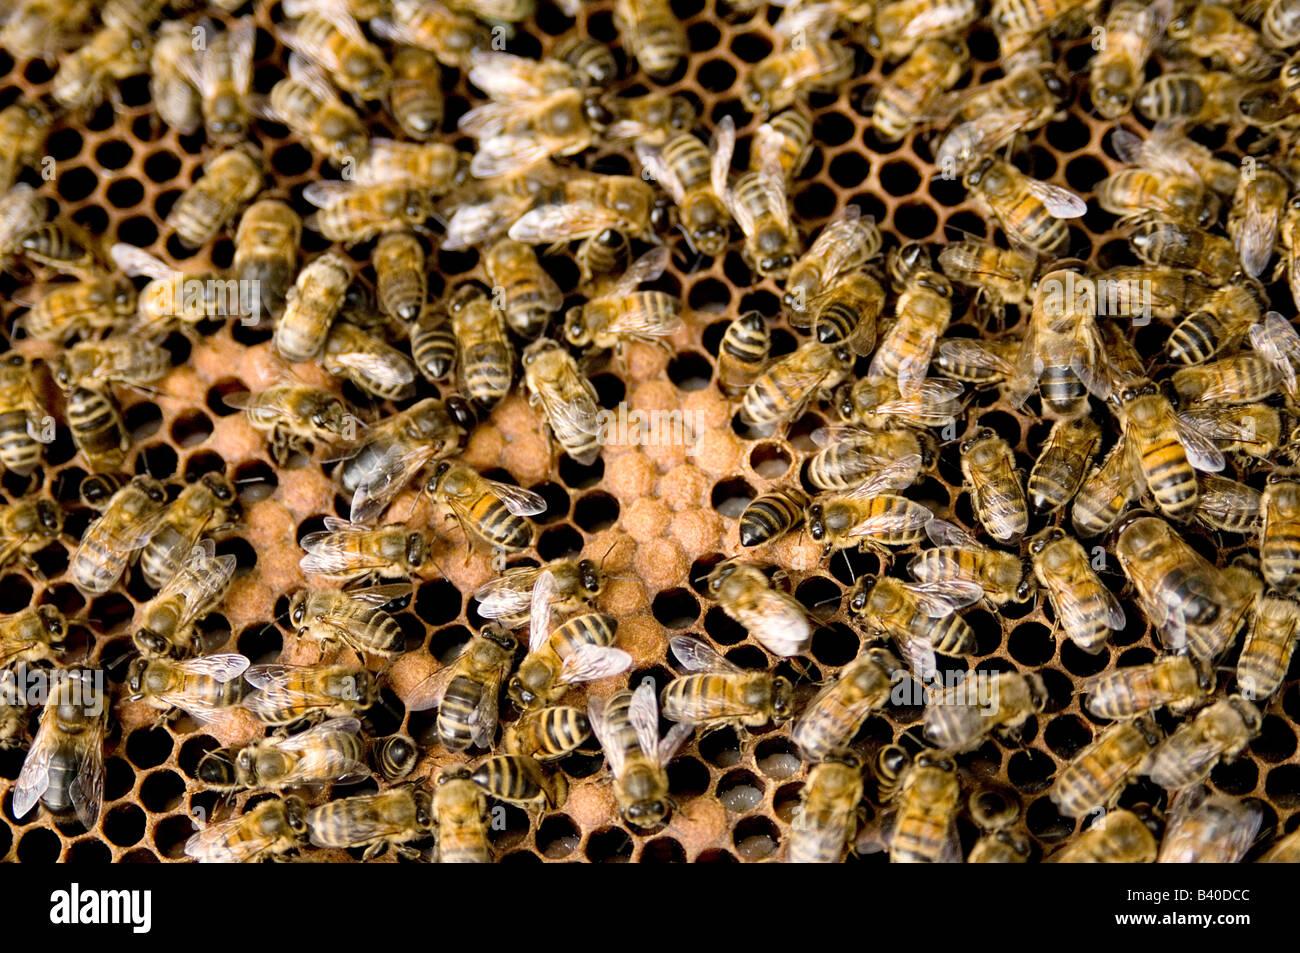 bee bees beekeeping keeping hive hives beehive beehives keeper